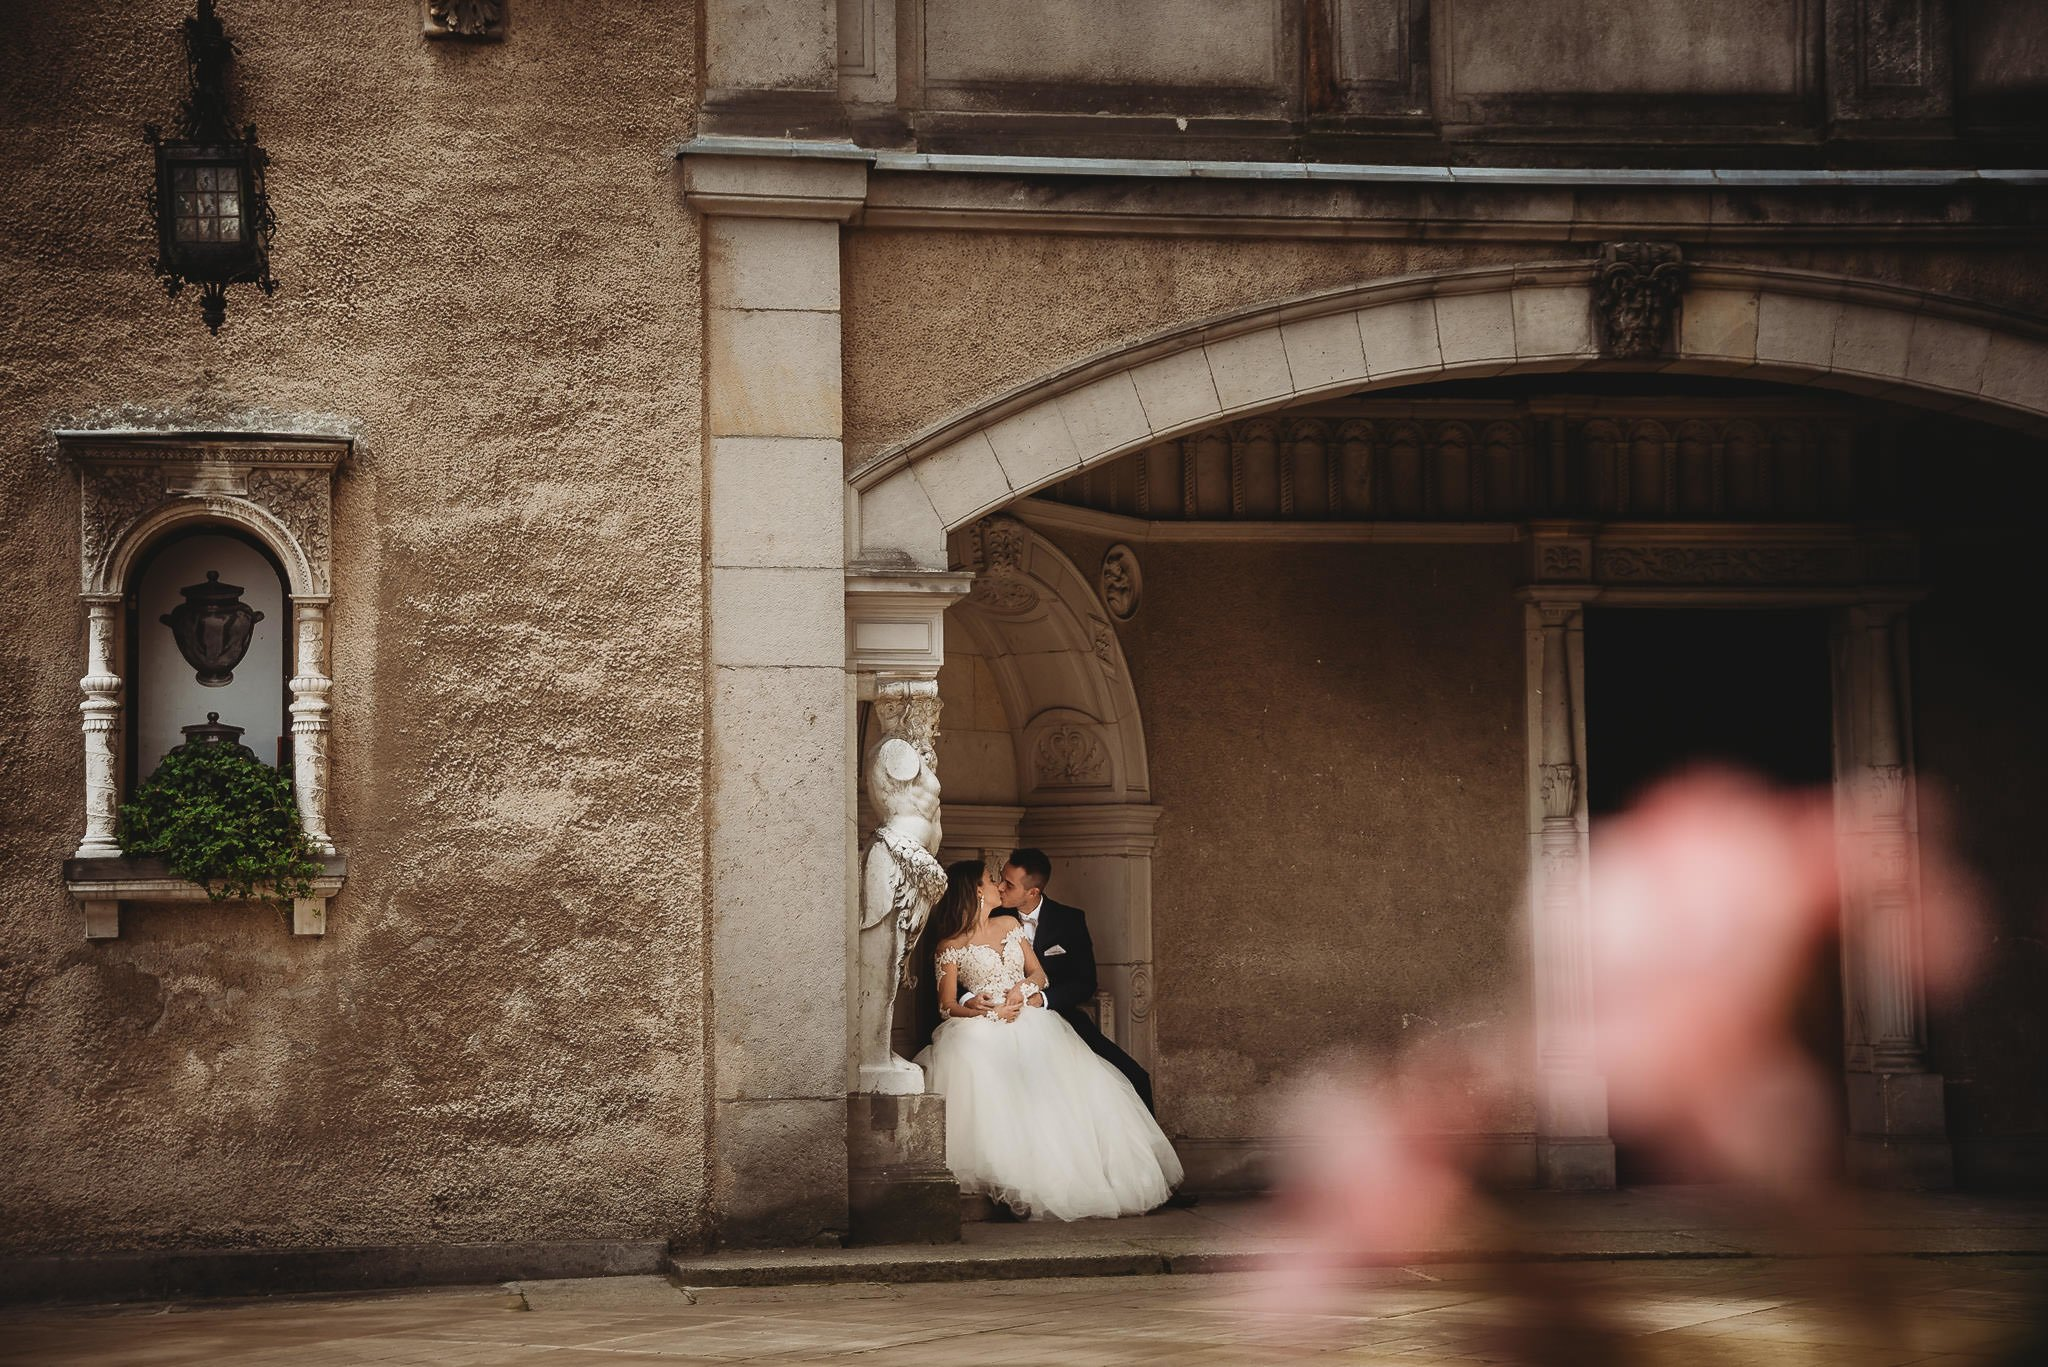 Angelika i Michał, piękne zdjęcia ślubne i sesja plenerowa w Gołuchowie 236